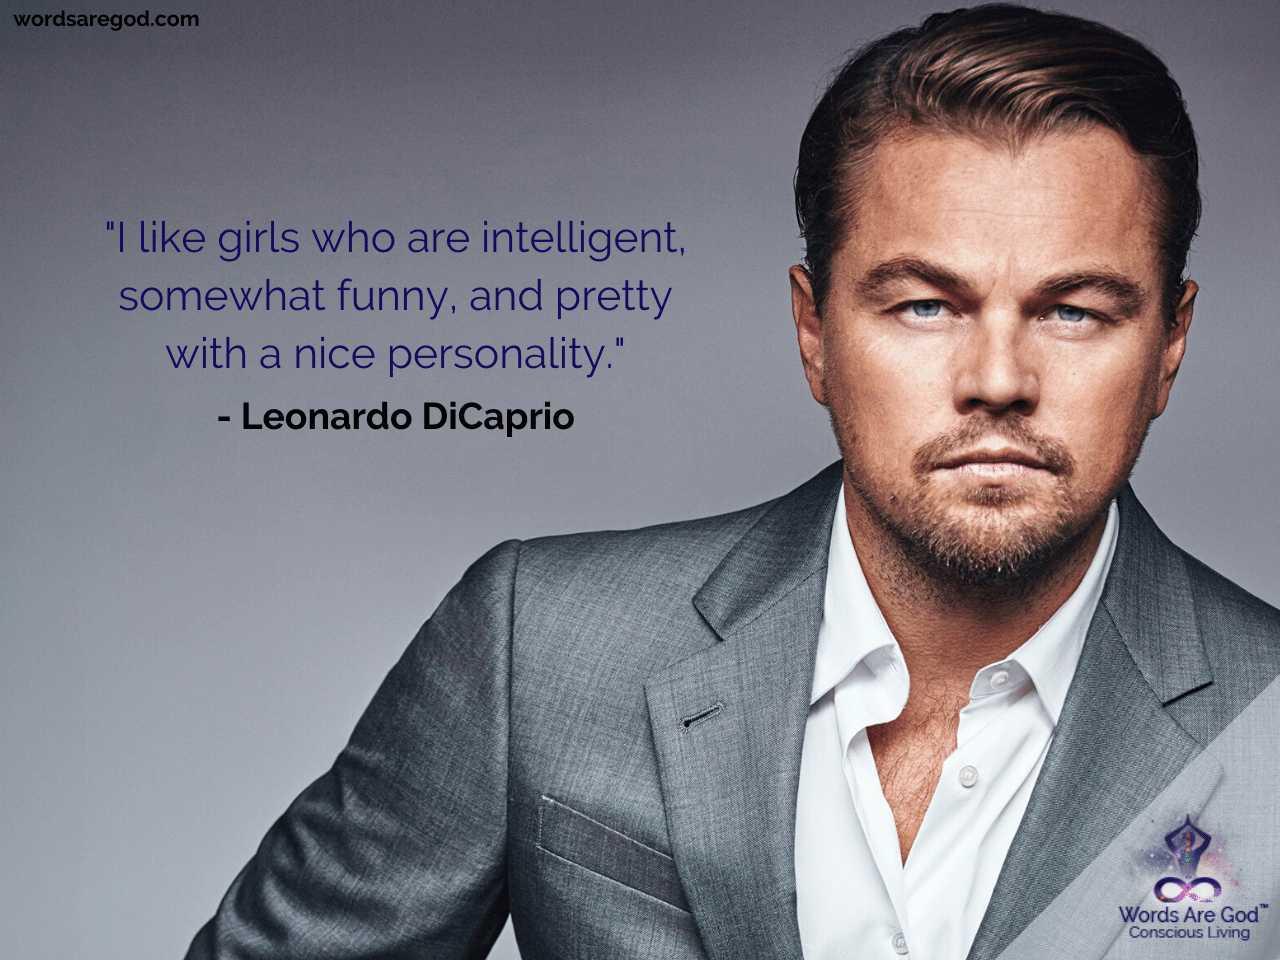 Leonardo DiCaprio Life Quotes